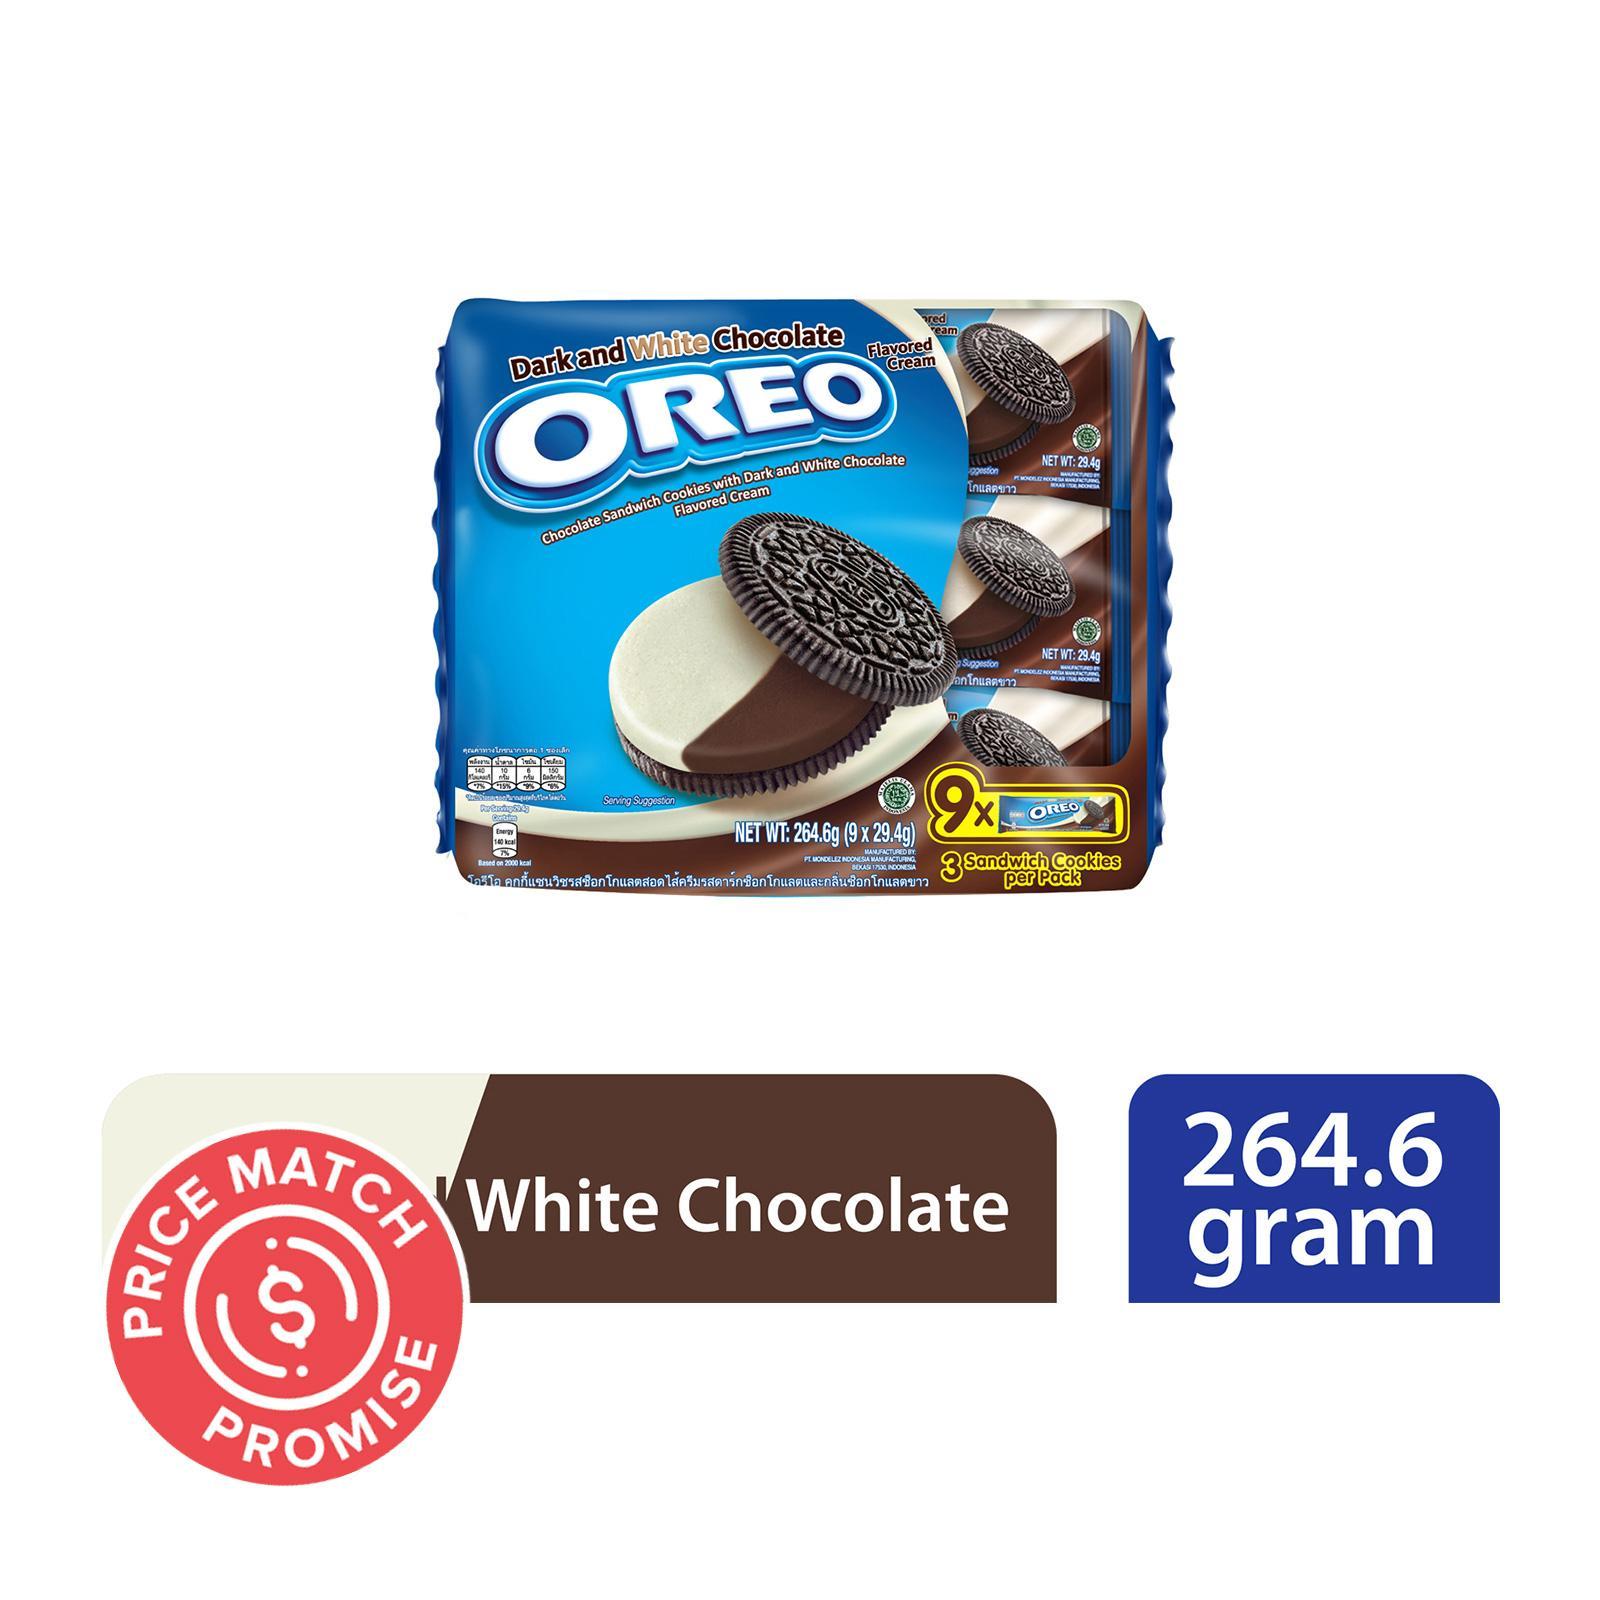 Oreo Dark And White Chocolate Multipack